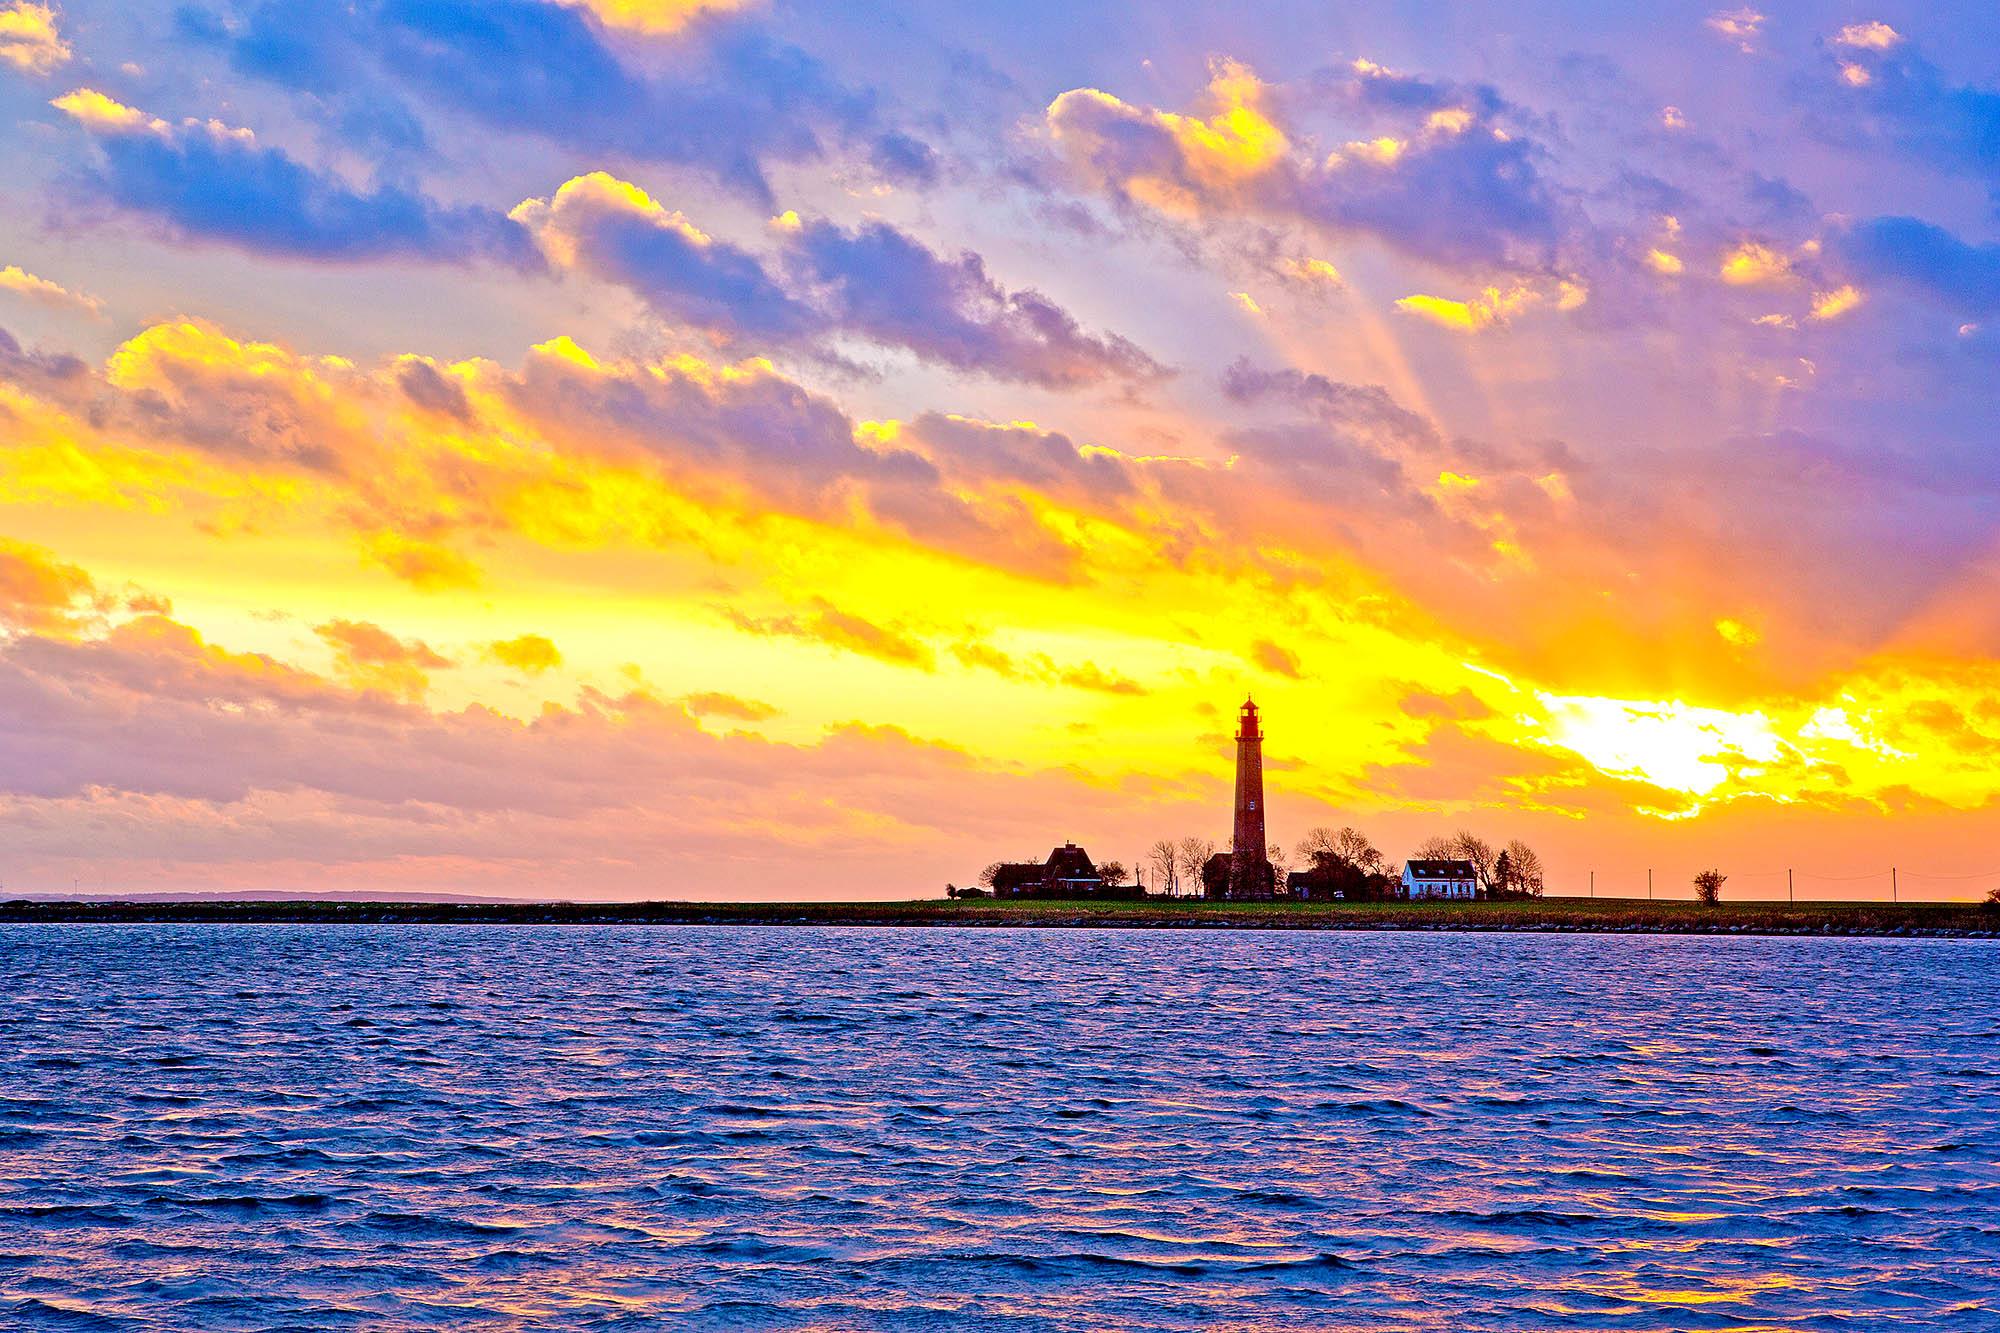 Schleswig-Holstein, Ostseeinsel Fehmarn, Leuchturm Fluegge, Fluegger Leuchtturm. Auch wegen seiner Form Fehmanrner Spargel genannt.